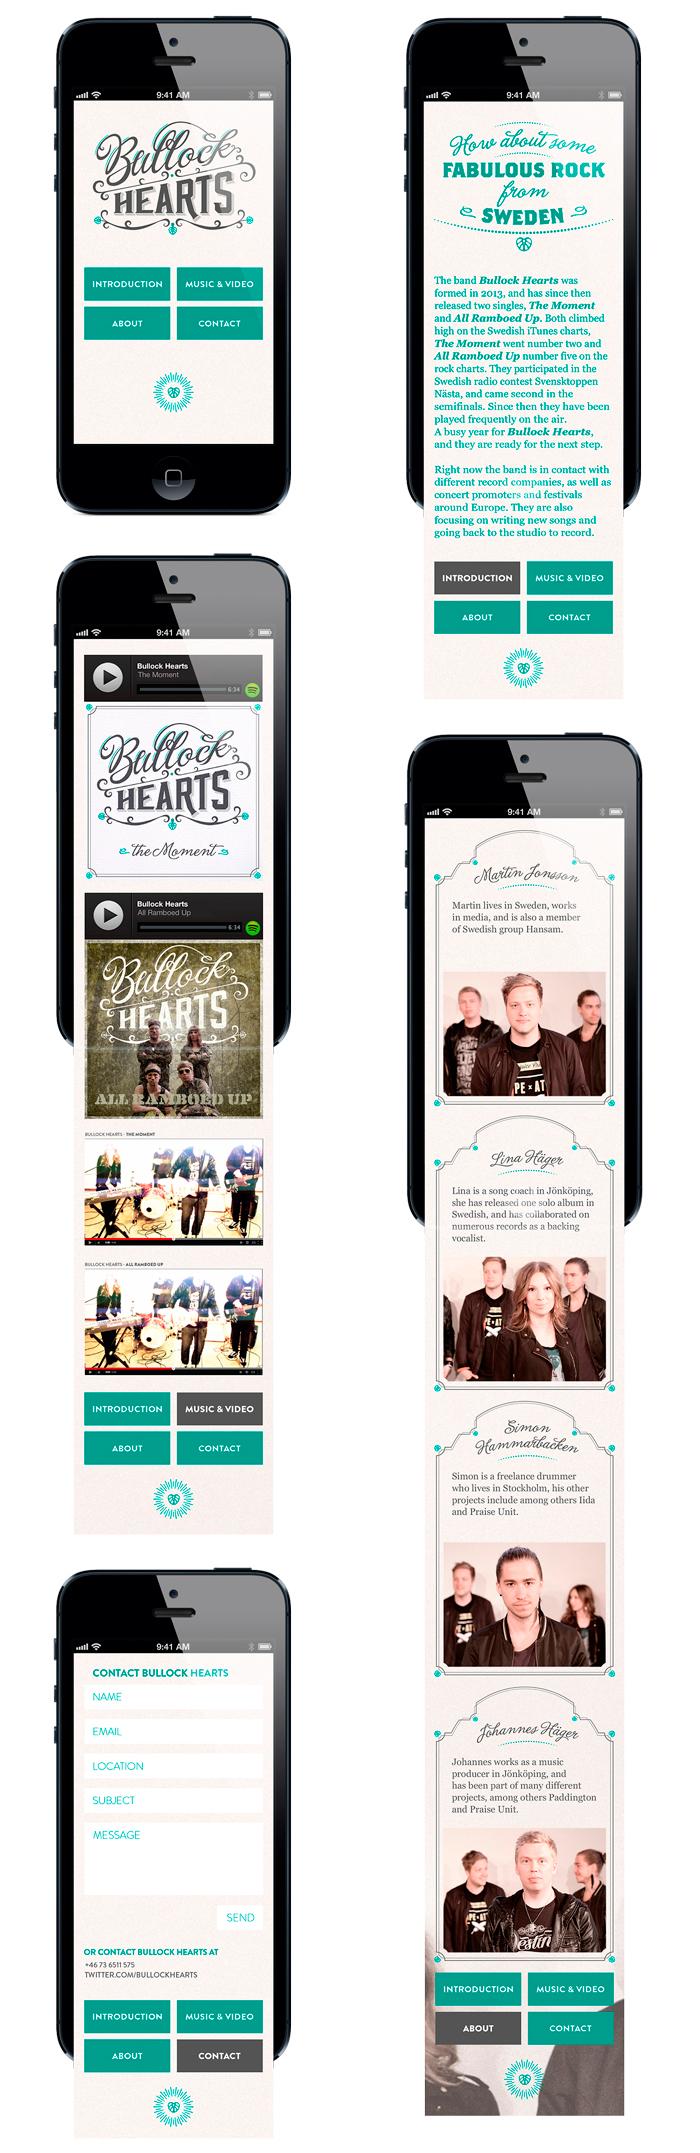 iPhone-BullockHearts.jpg